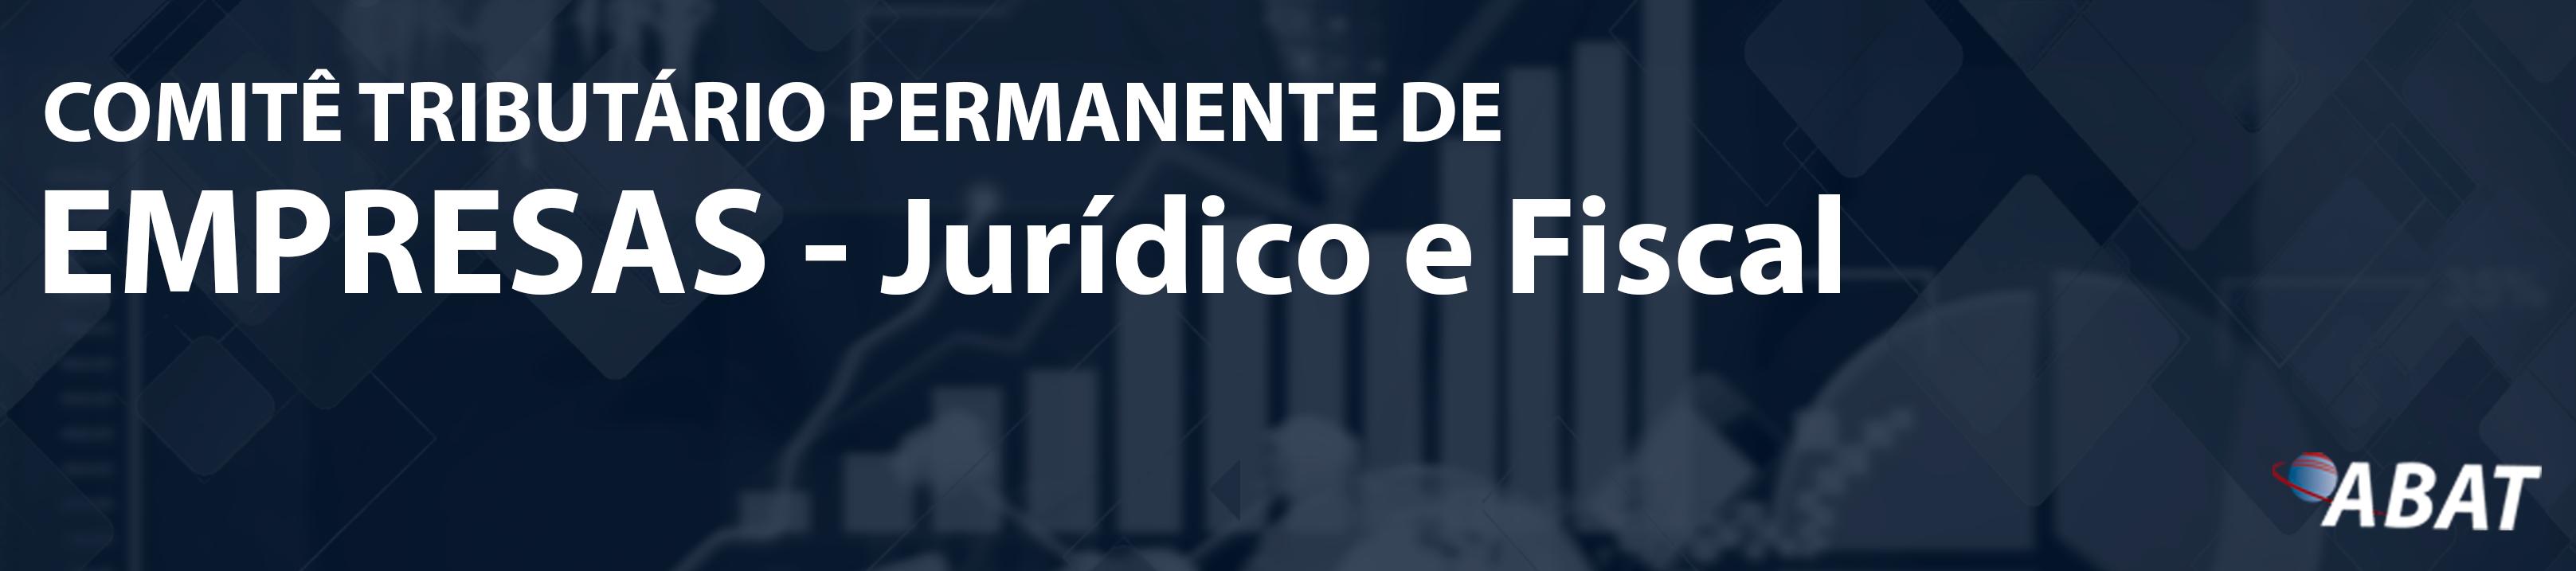 BANNER-PÁGINA-COMITÊ-TRIBUTÁRIO-PERMANENTE-DE-EMPRESAS